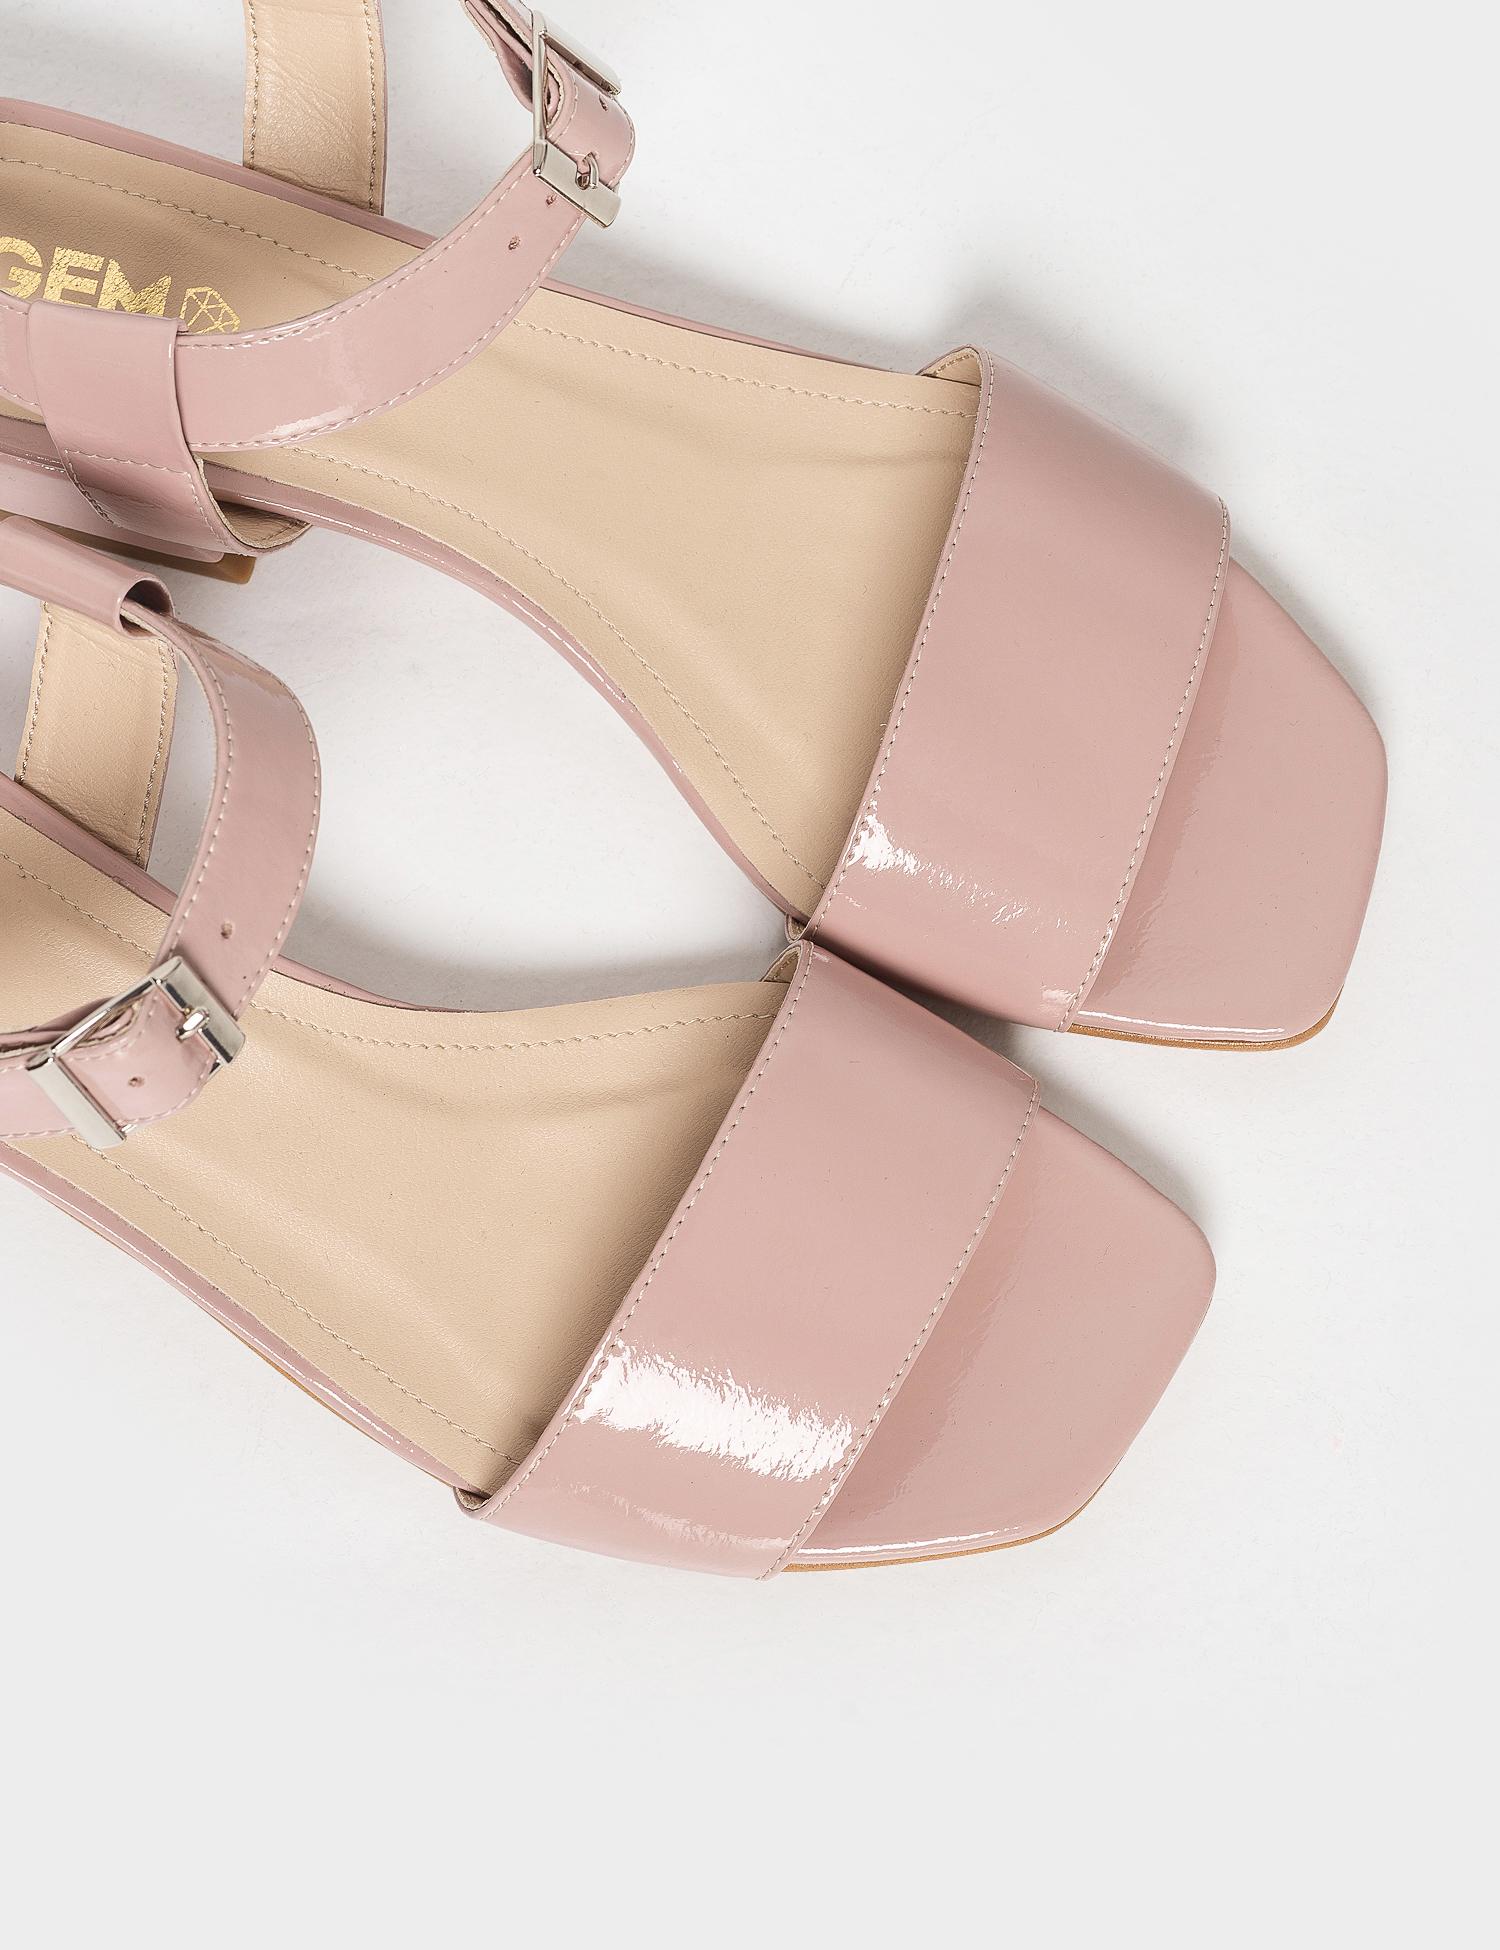 Босоніжки  для жінок Босоножек 96832010 розовая кожа лакированая 96832010 модні, 2017